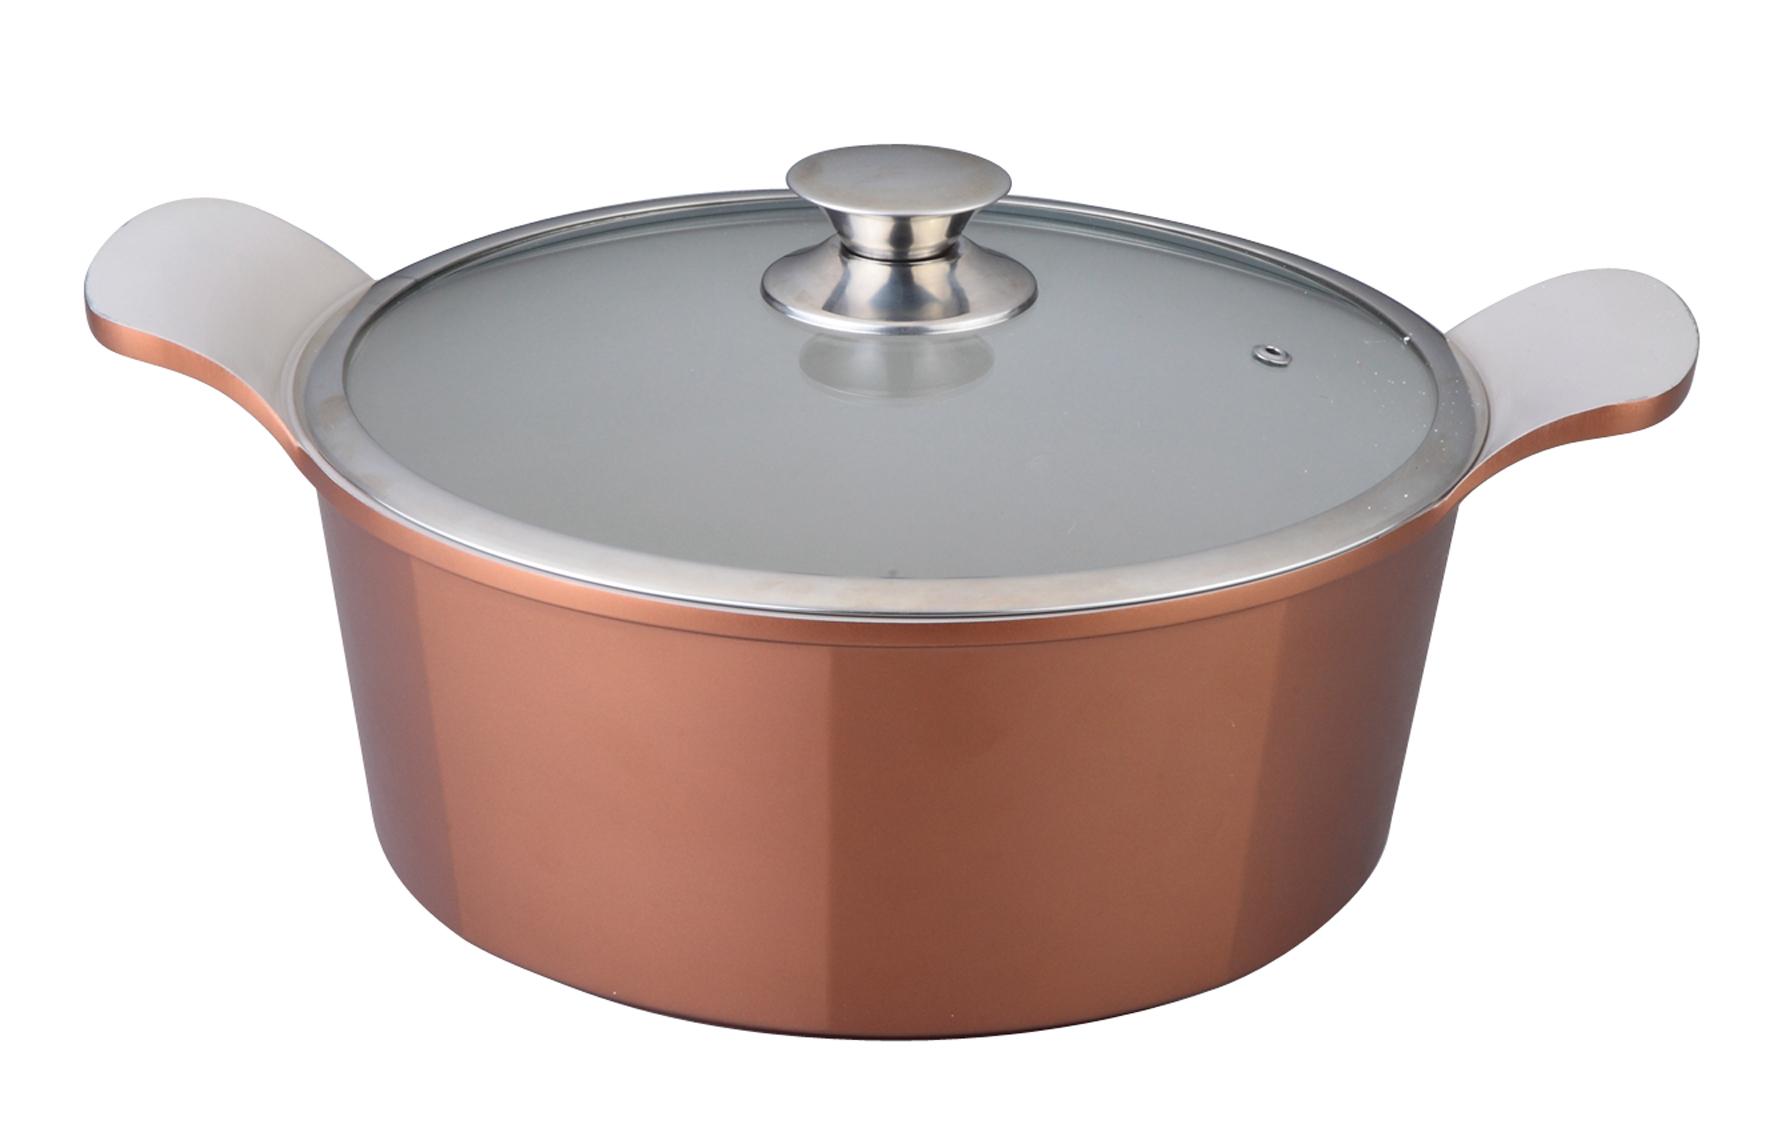 Кастрюля Winner с крышкой, 2,4 л. WR-1408WR-1408Кастрюля Winner выполнена из высококачественного литого алюминия с антипригарным керамическим нанопокрытием Ilag. Посуда с нанопокрытием обладает высокой прочностью, жаро-, износо-, коррозийной стойкостью, химической инертностью. При нагревании до высоких температур не выделяет и не впитывает в себя вредных для человека химических соединений. Нанопокрытие гарантирует быстрый и равномерный нагрев посуды и существенную экономию электроэнергии. Данная технология позволяет исключить деформацию корпуса при частом и длительном использовании посуды. Кастрюля имеет внешнее цветное жаропрочное силиконовое покрытие. Крышка, выполненная из термостойкого стекла, позволит вам следить за процессом приготовления пищи. Крышка плотно прилегает к краю кастрюли, предотвращая проливание жидкости и сохраняя аромат блюд. Изделие подходит для использования на всех типах плит, включая индукционные. Можно мыть в посудомоечной машине. Это идеальный подарок для современных хозяек,...